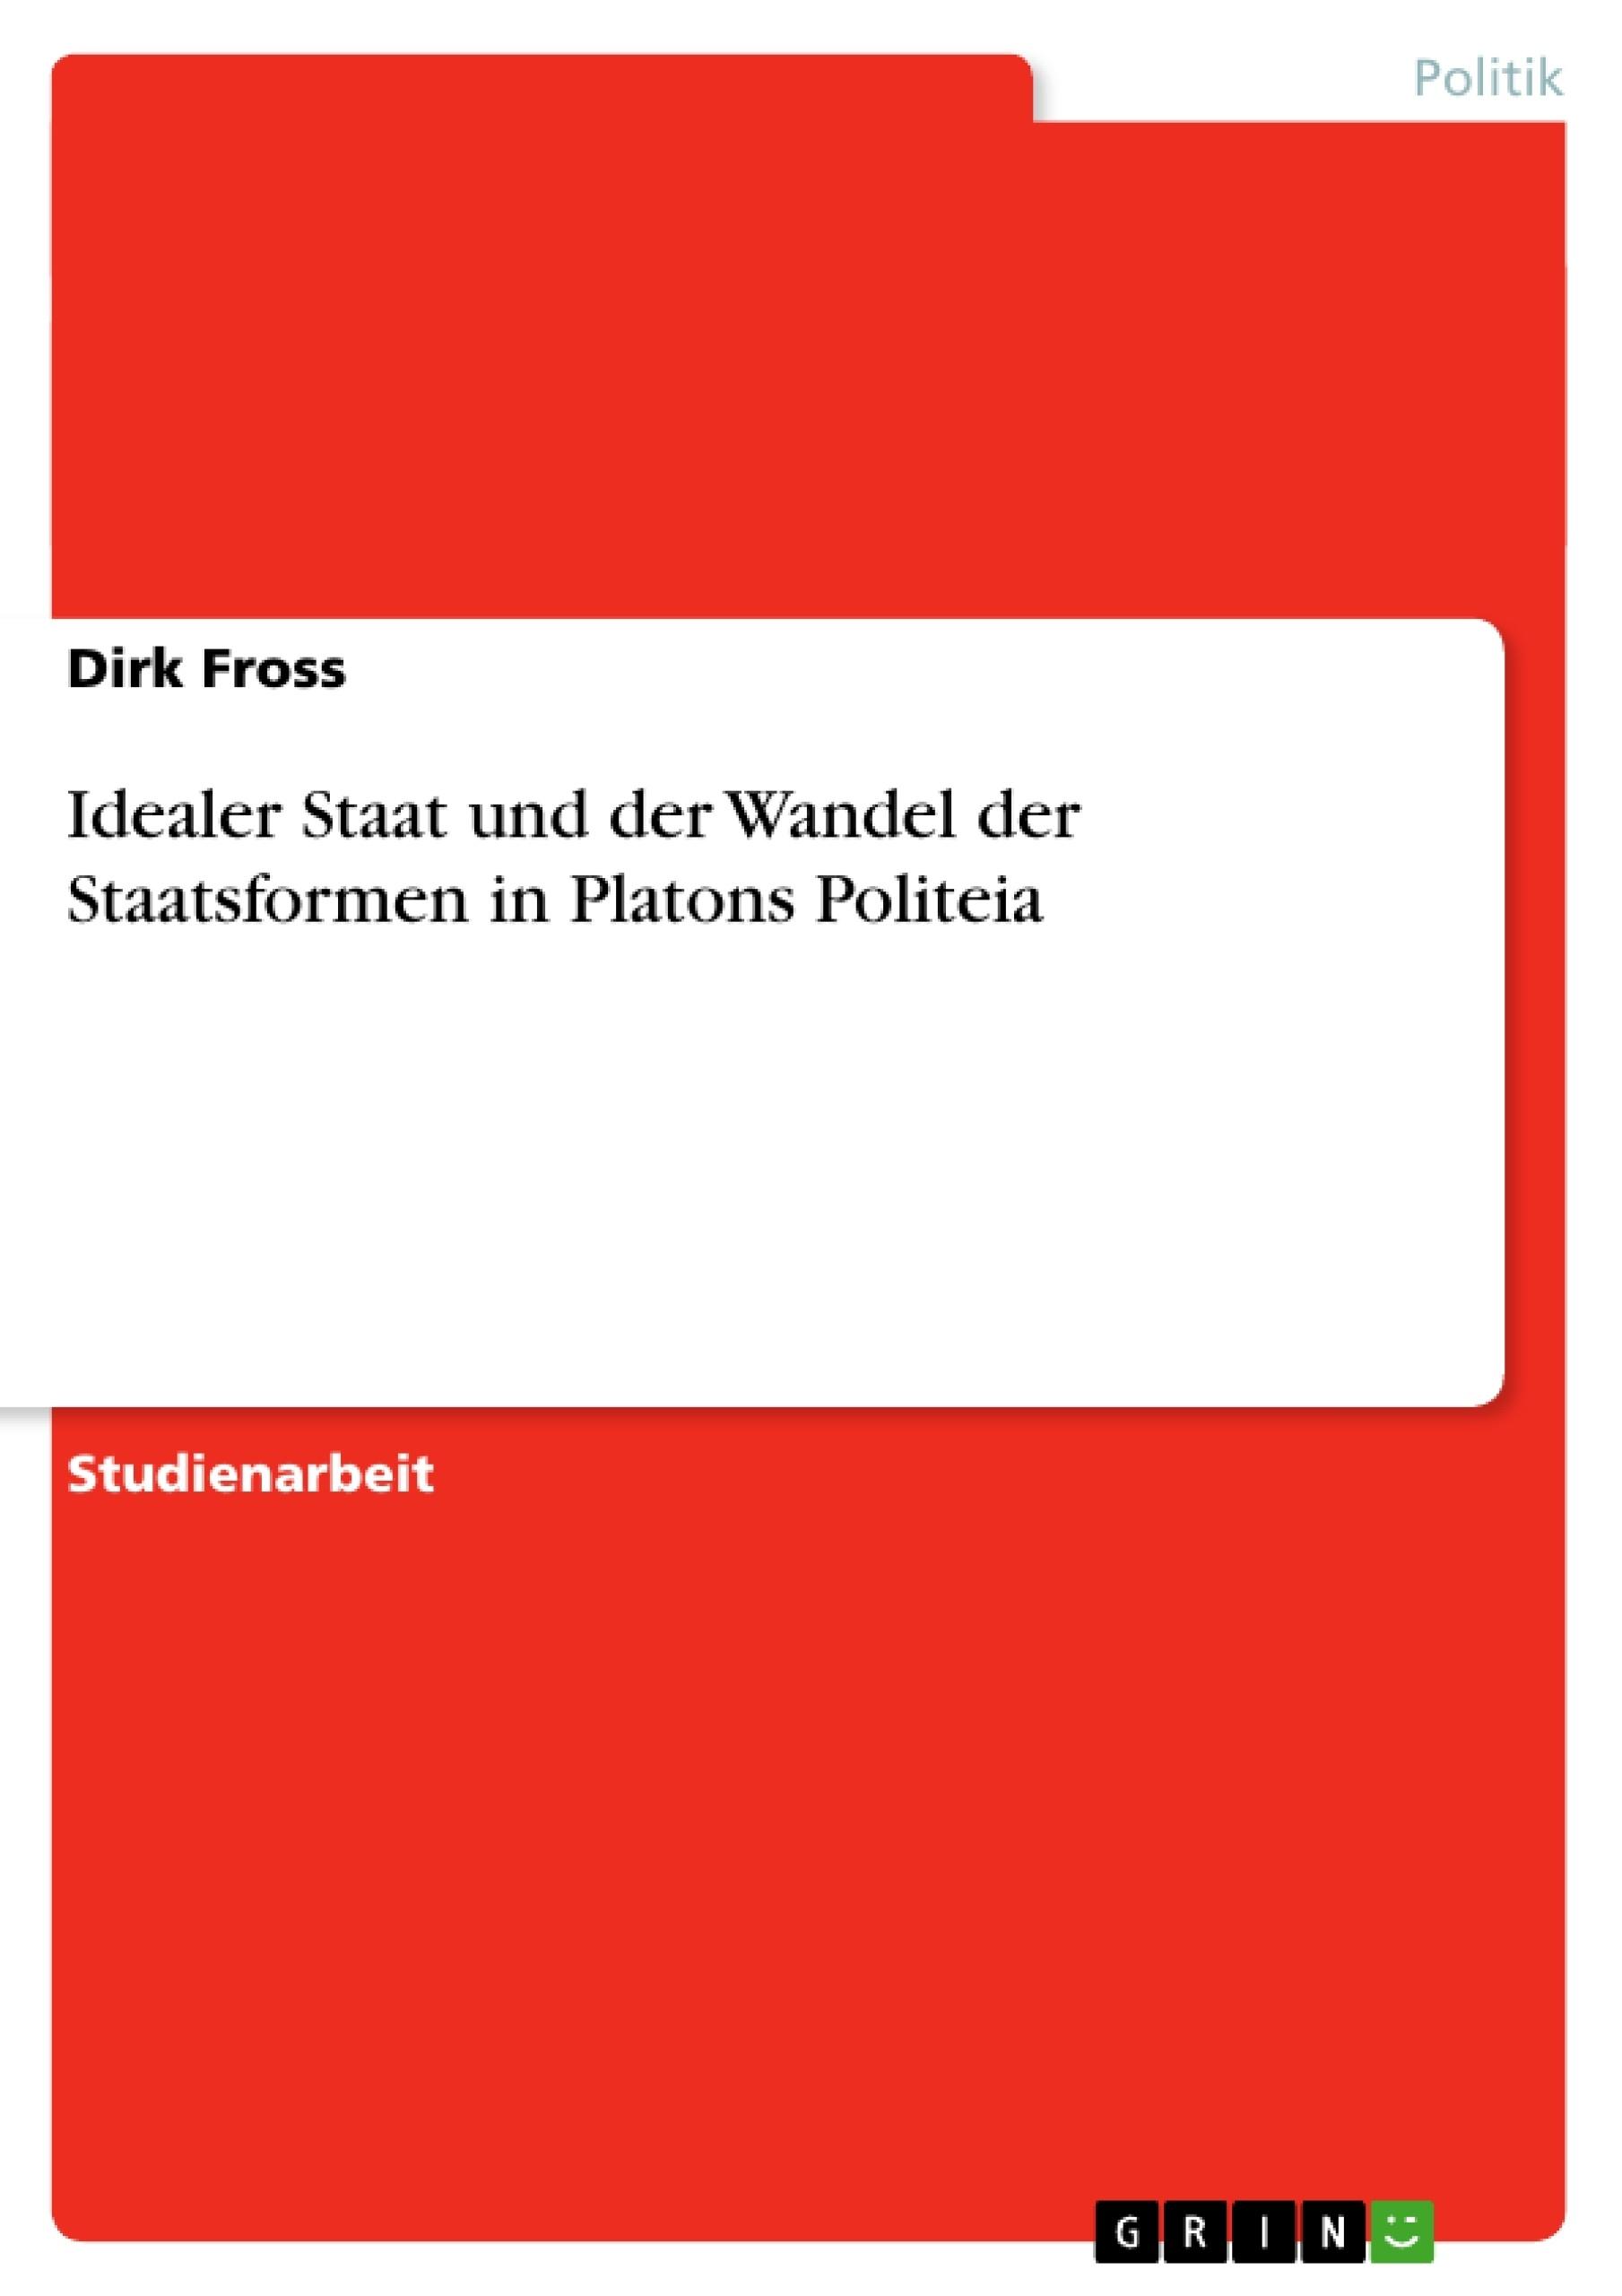 Titel: Idealer Staat und der Wandel der Staatsformen in Platons Politeia